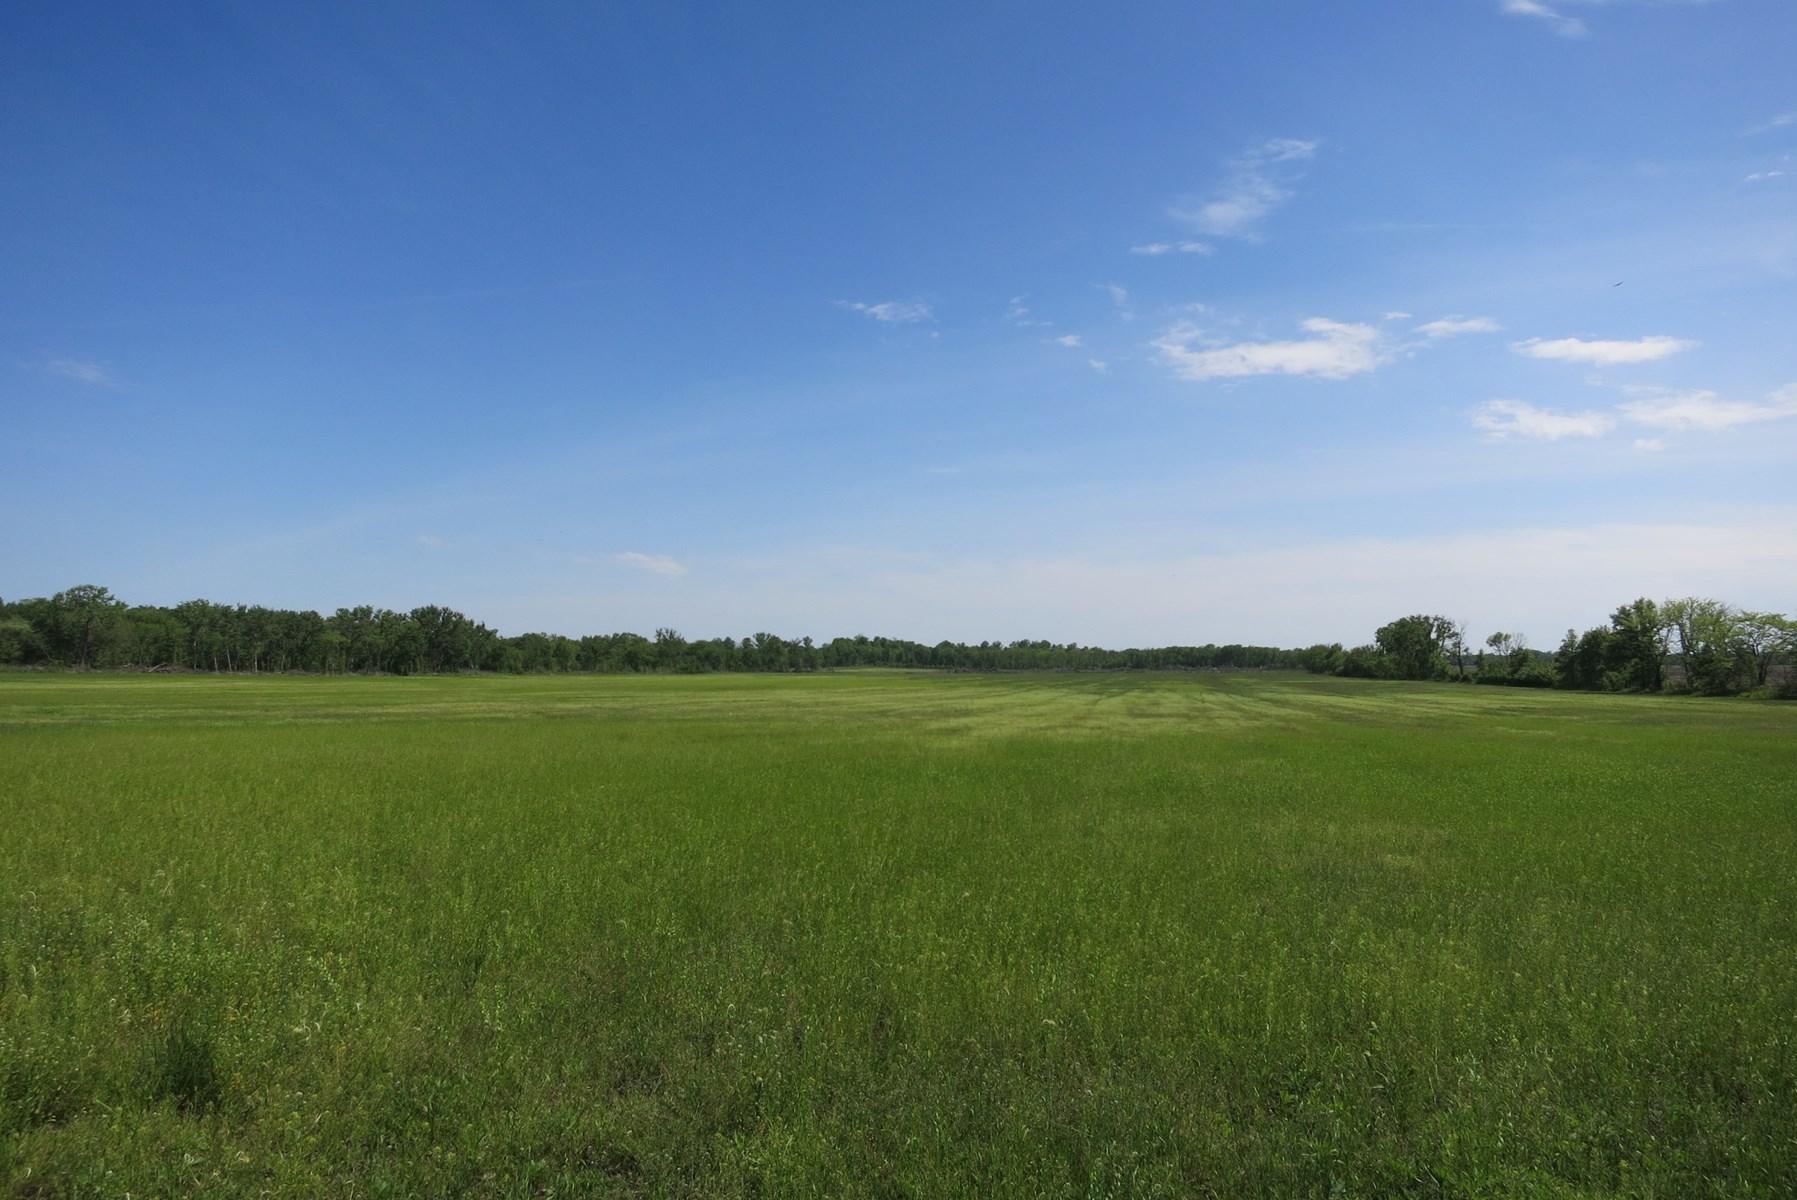 Row Crop Farm For Sale in Northwest Missouri